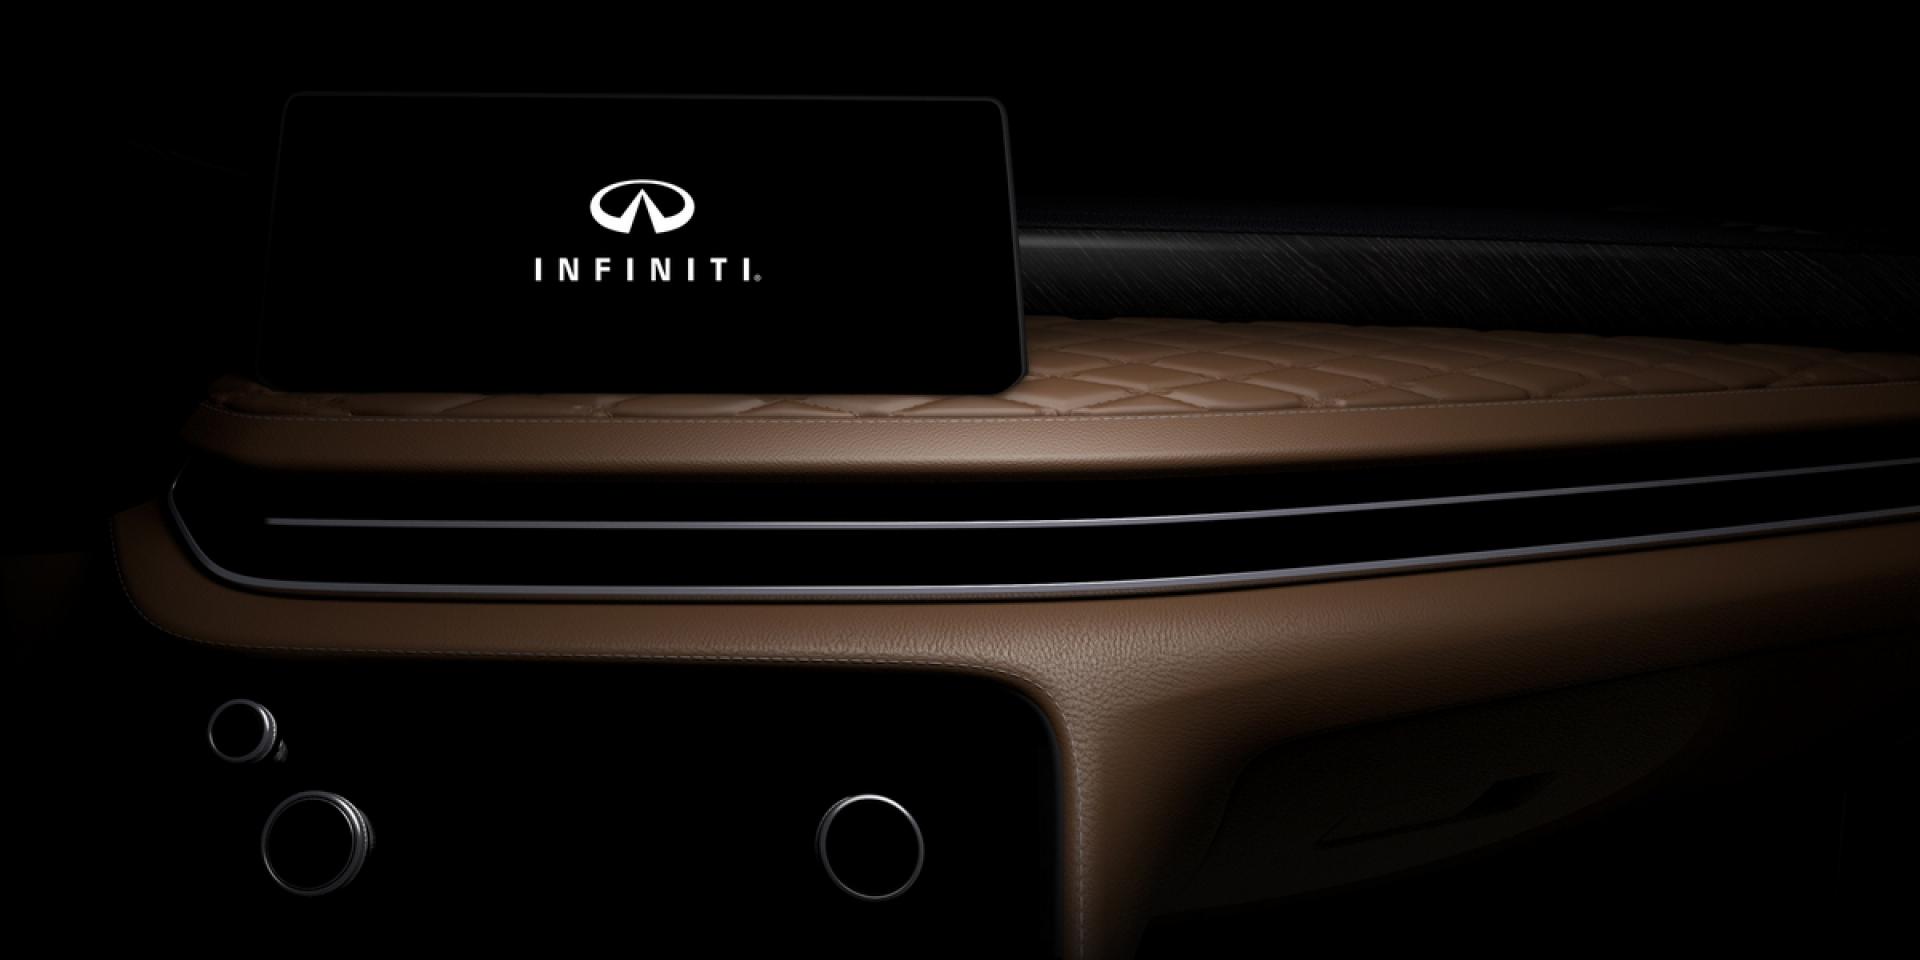 比雙螢幕更吸睛!Infiniti釋出大改款QX60內裝預告